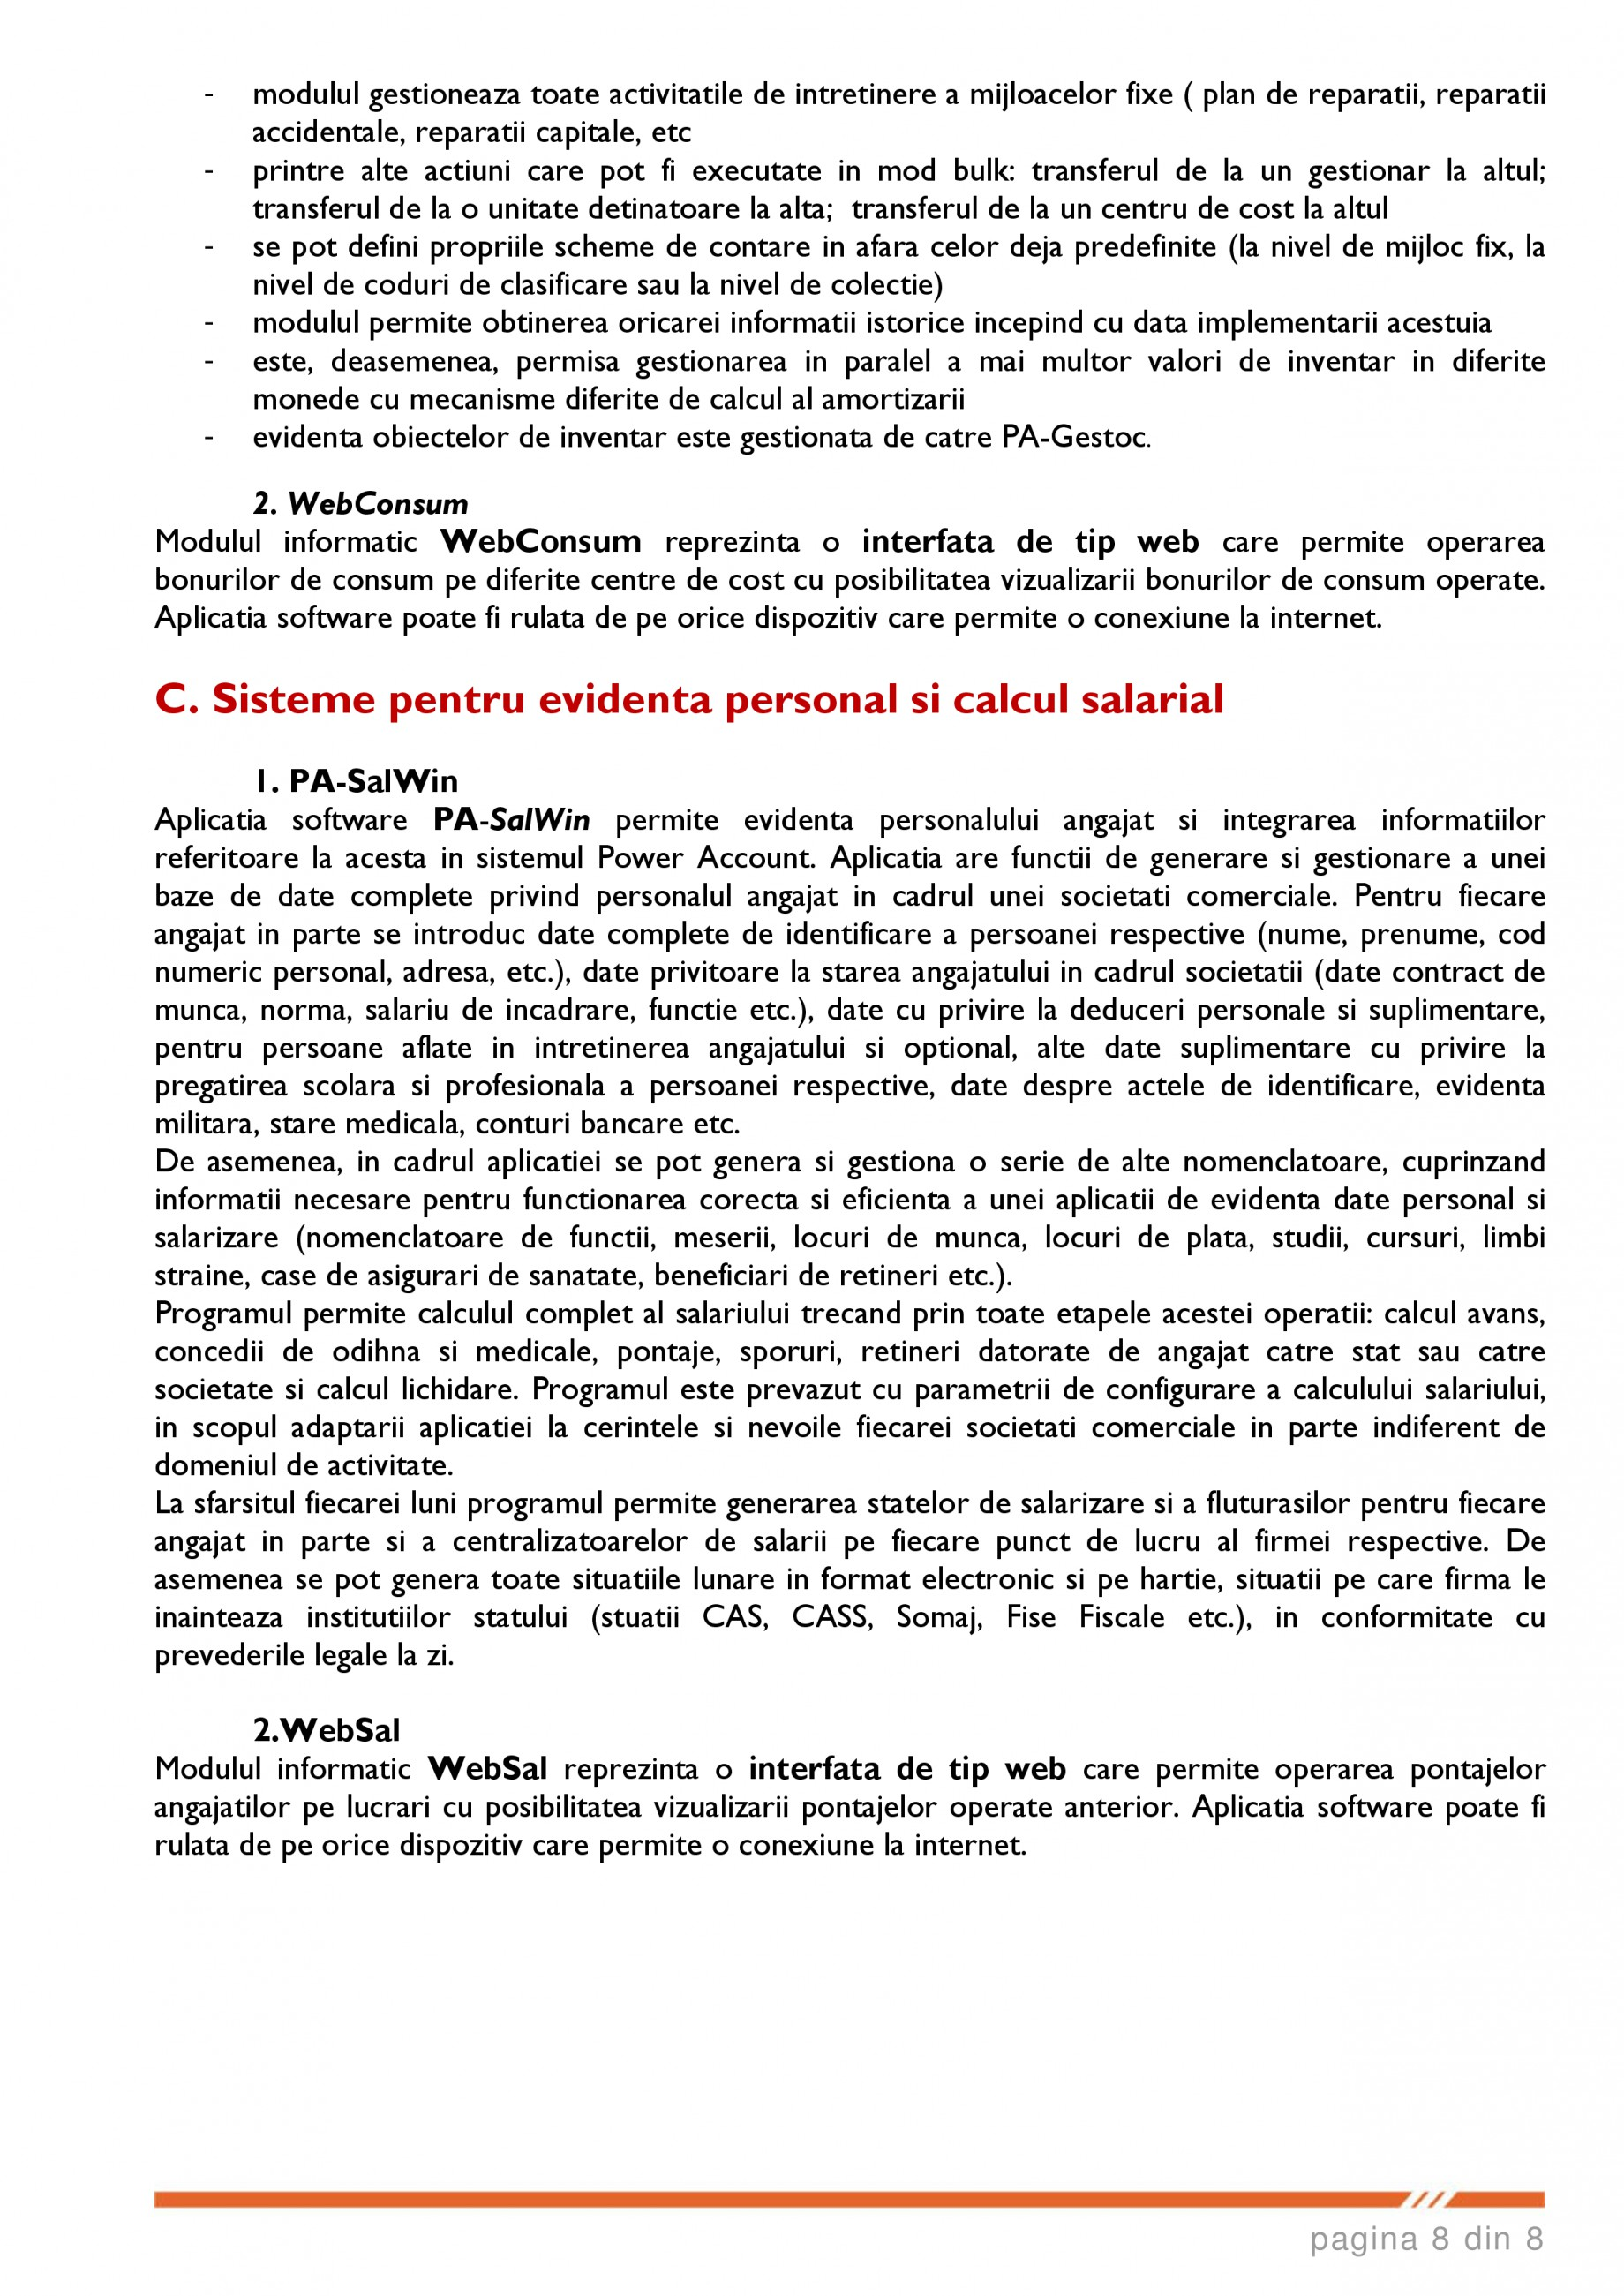 Catalog, brosura SCOP-C - Sistem pentru conducerea si organizarea productiei in constructii si instalatii SOFTEH PLUS Sistemul ERP - Planificarea Resurselor Intreprinderii SOFTEH PLUS  - Pagina 8